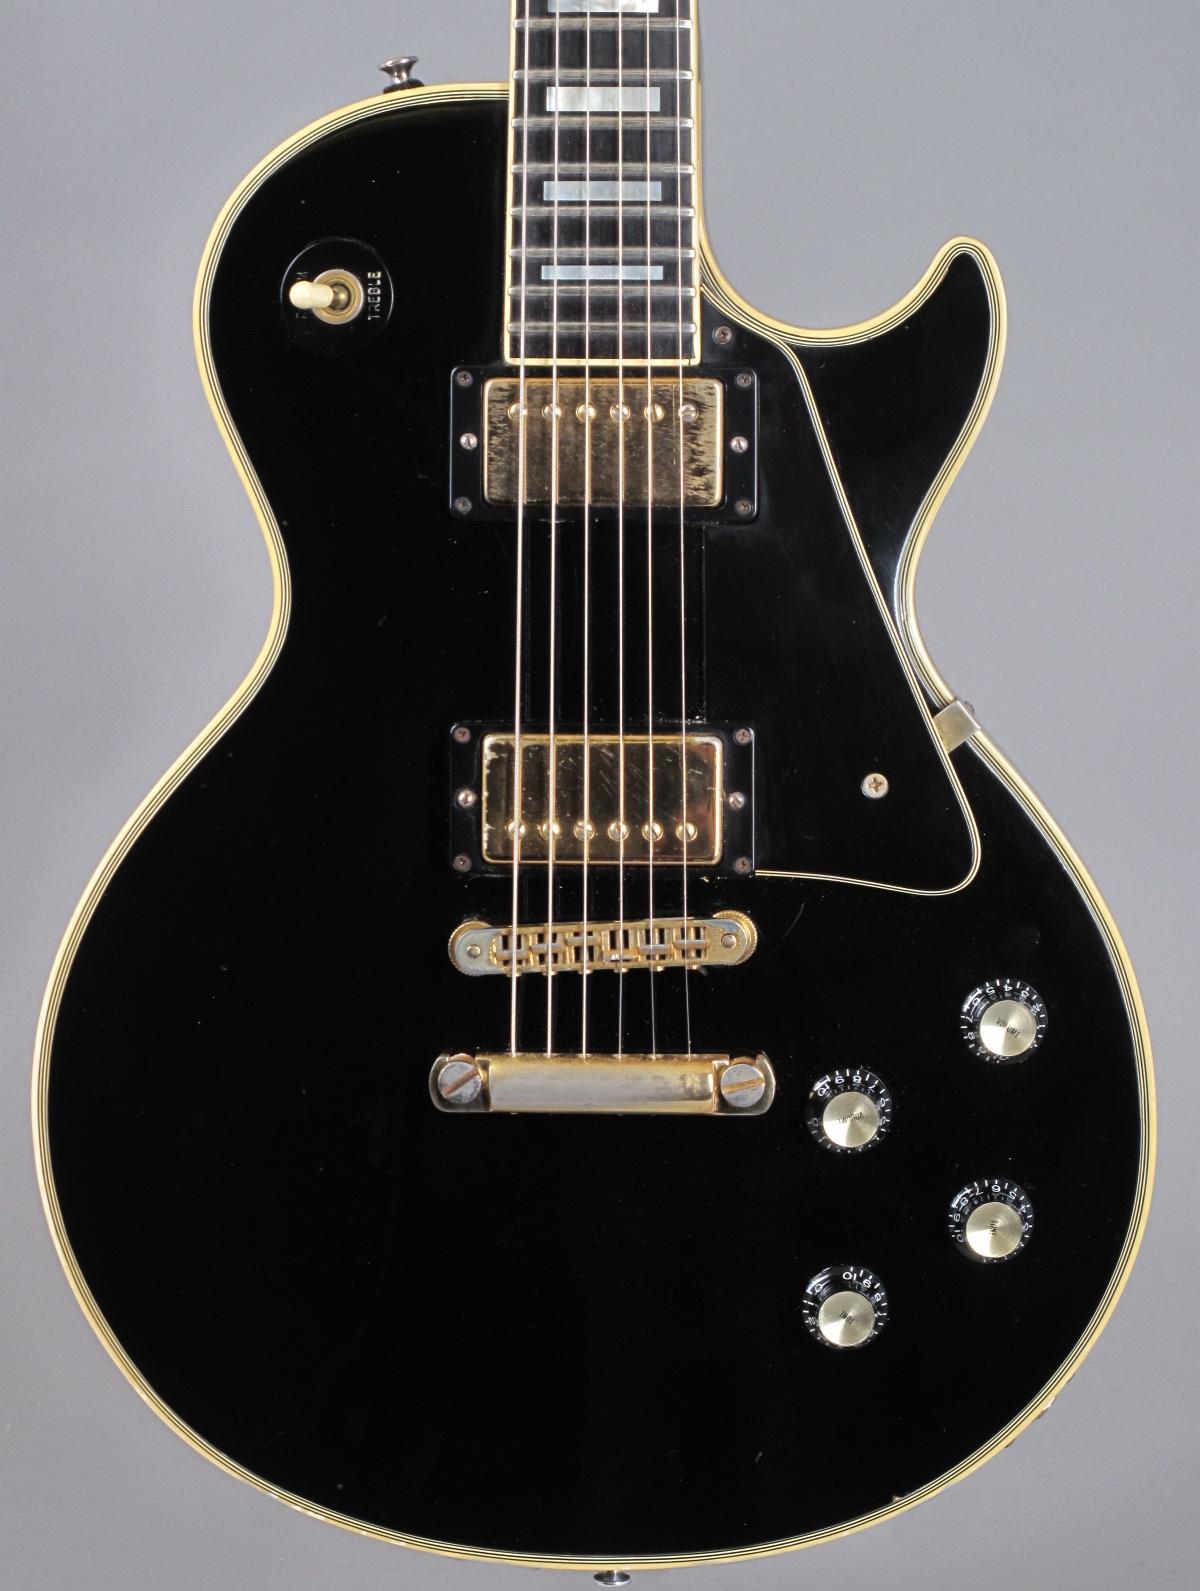 1976 Gibson Les Paul Custom - Ebony